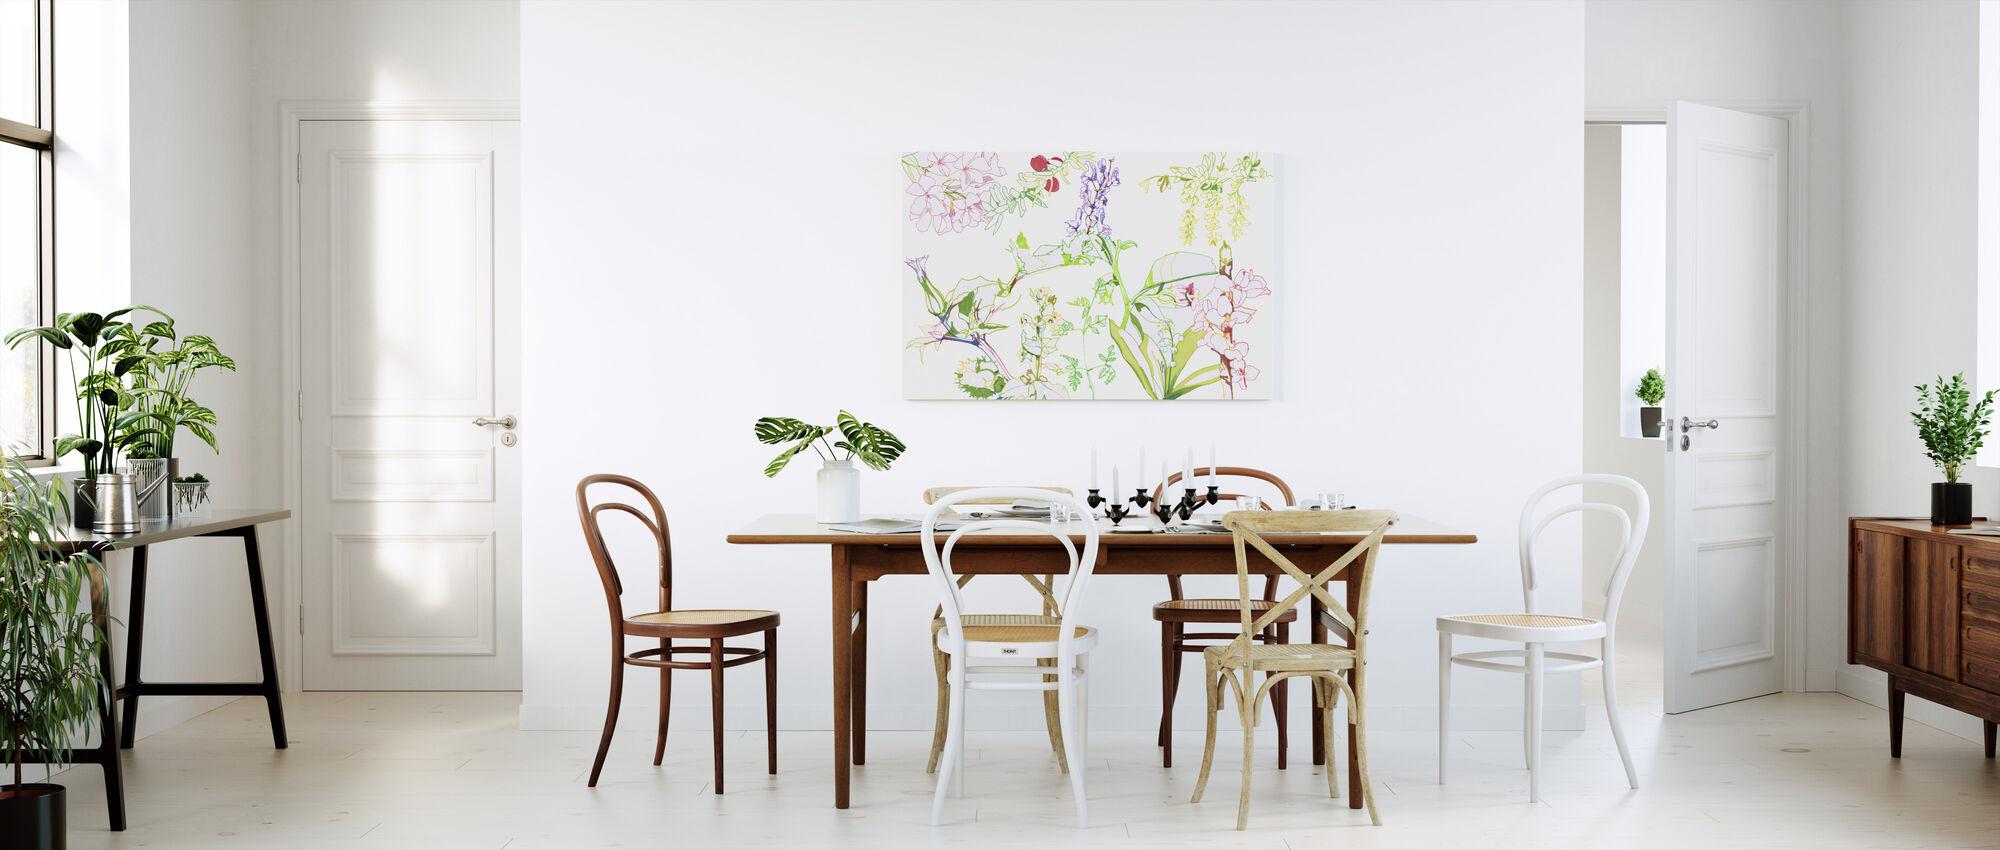 Berg Kirsits - Polska - Canvas print - Kitchen